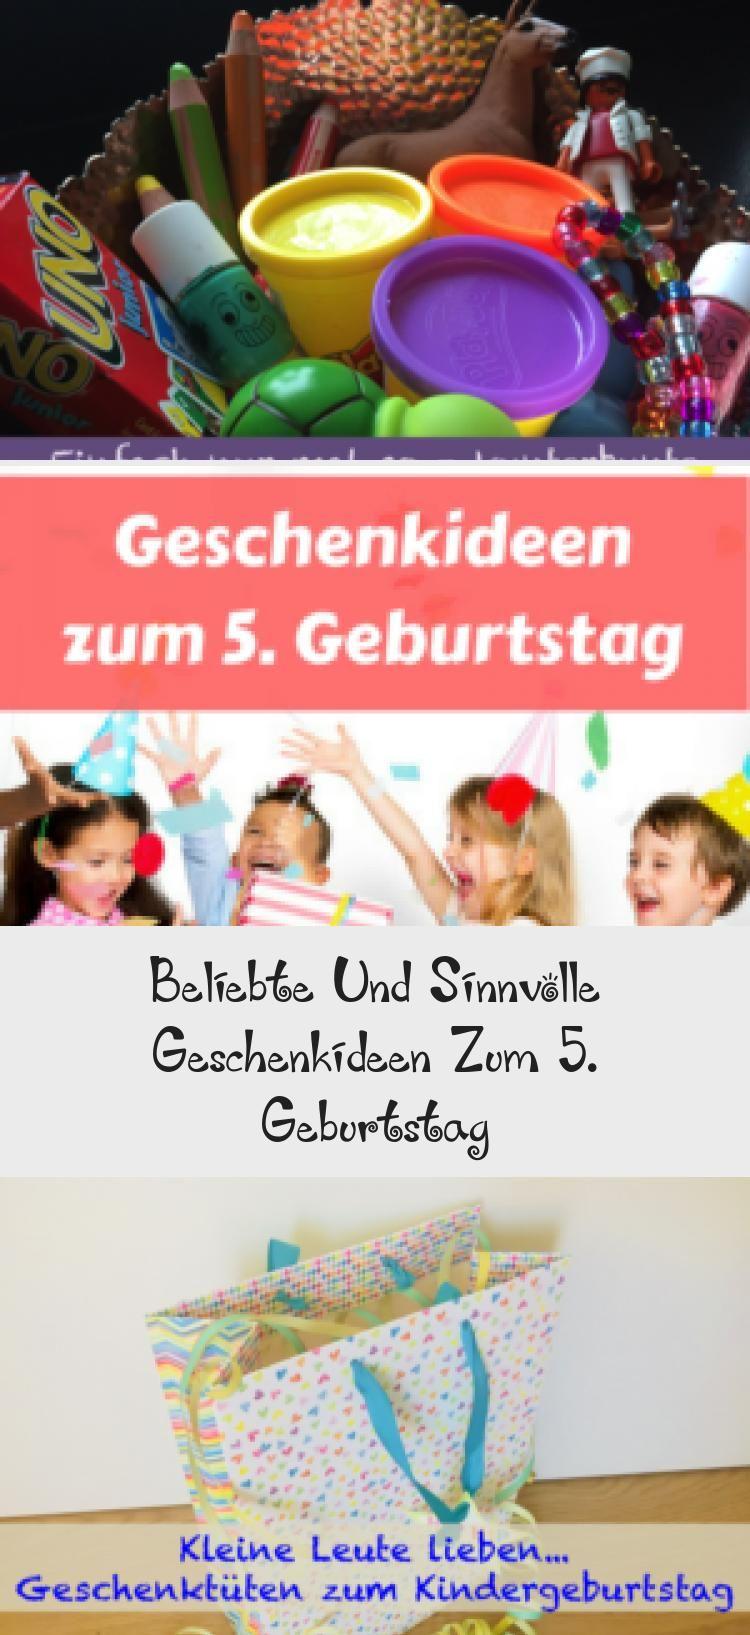 Beliebte Und Sinnvolle Geschenkideen Zum 5 Geburtstag Mit